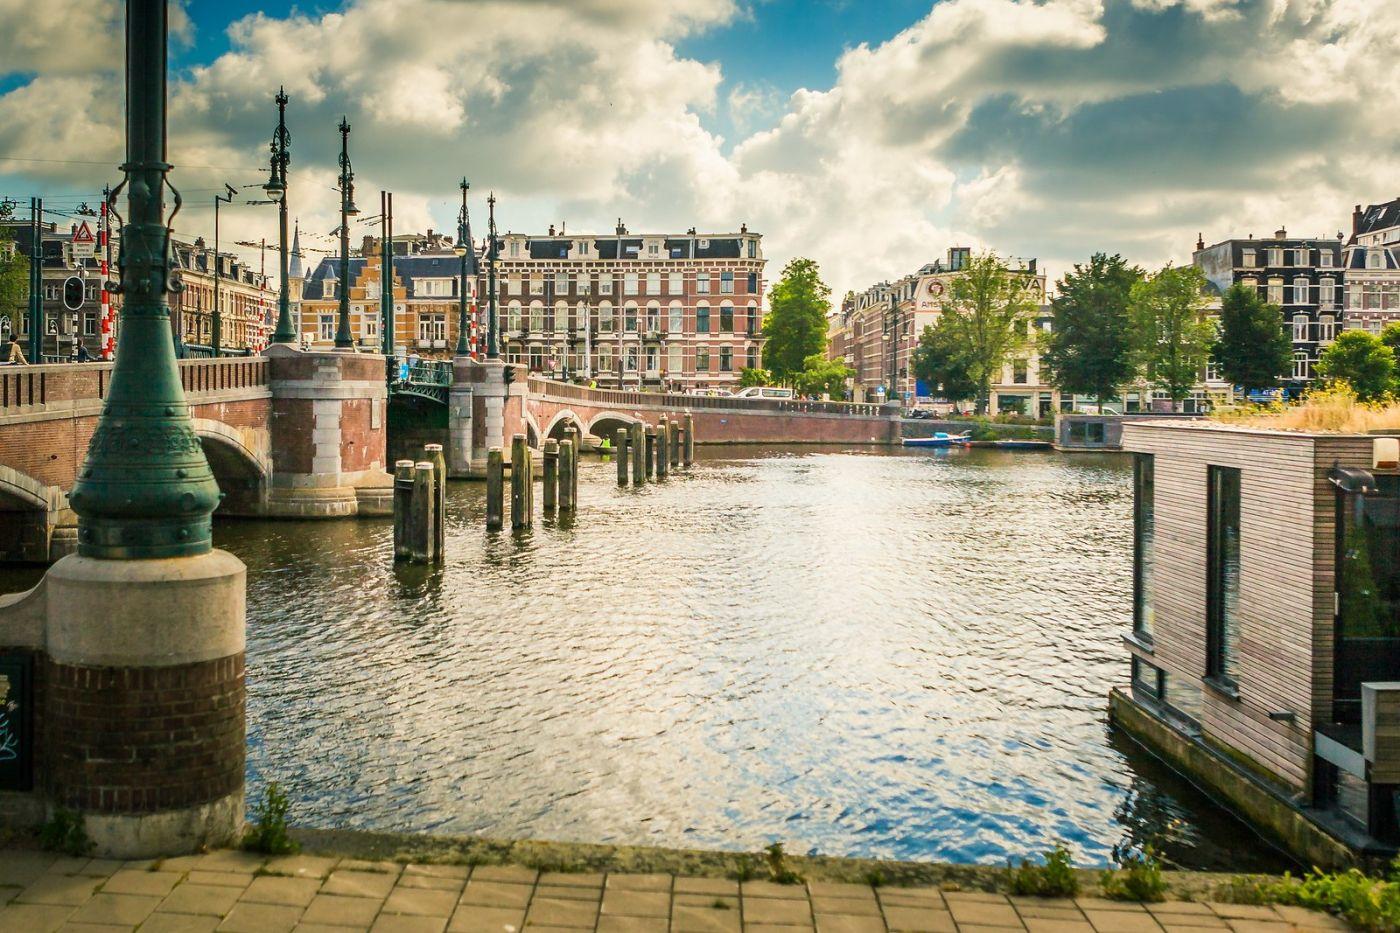 荷兰阿姆斯特丹,穿梭的自行车_图1-20